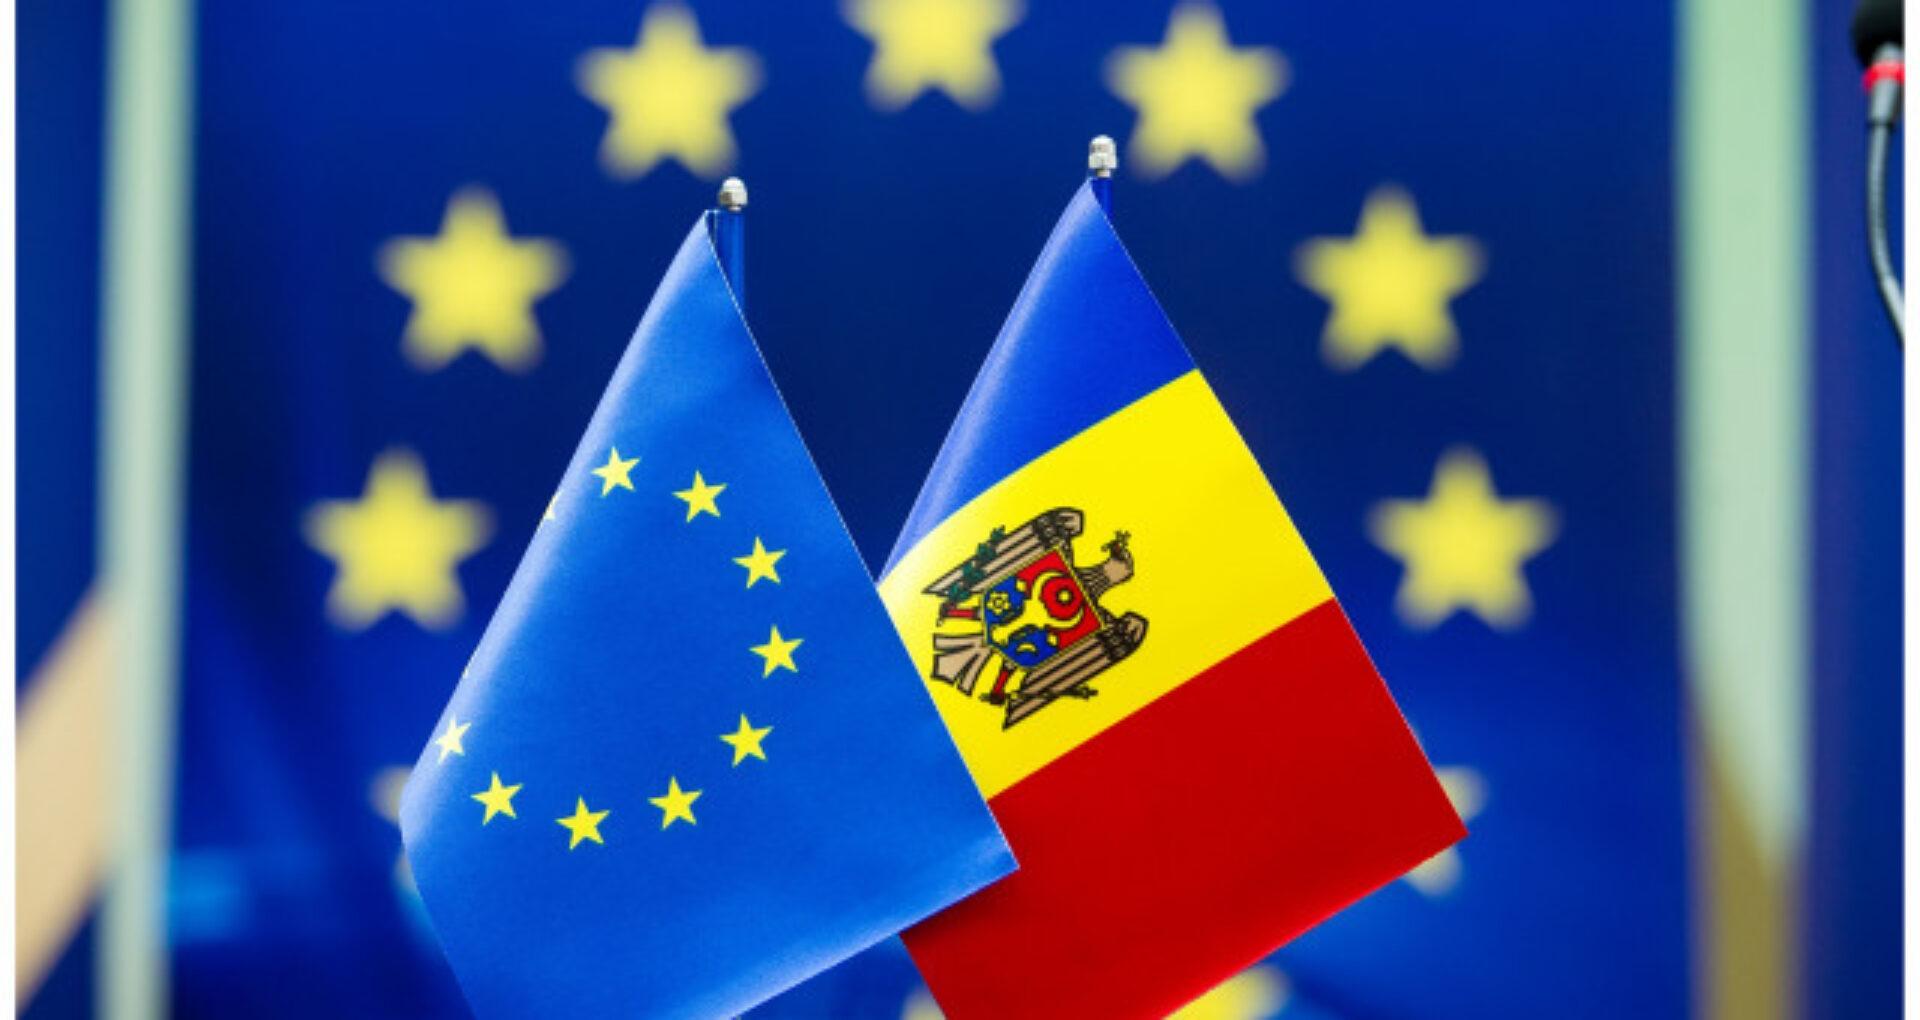 Delegația UE, Germania și Franța îndeamnă liderii politici ai R. Moldova să găsească cât mai rapid un consens